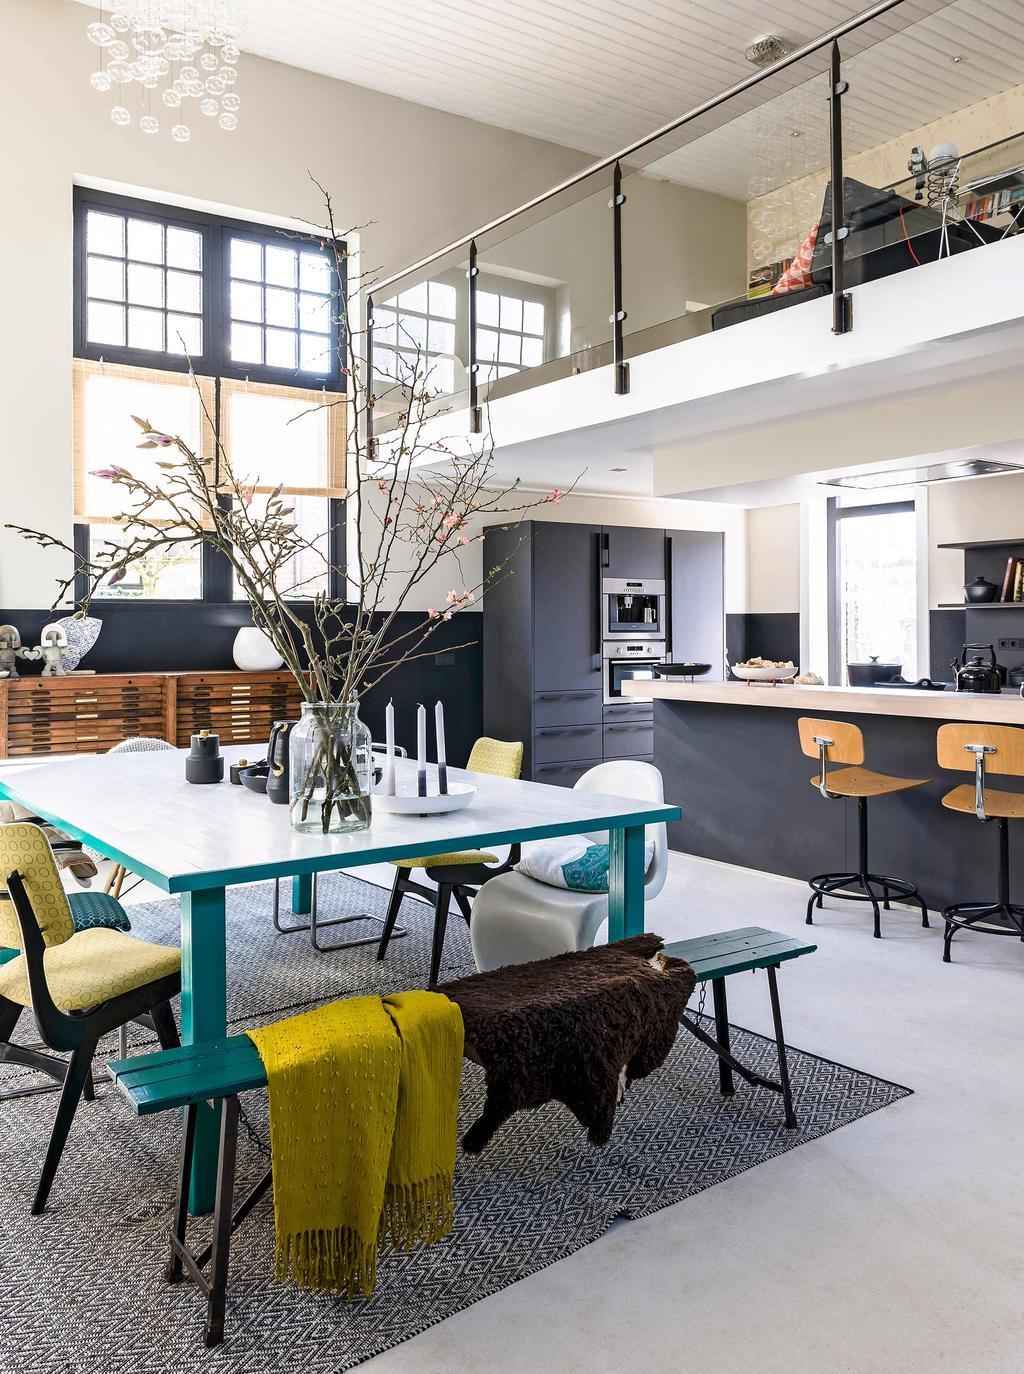 vtwonen binnenkijk special 2016 | oude muziekschool moderne glazen vide in keuken en woonkamer